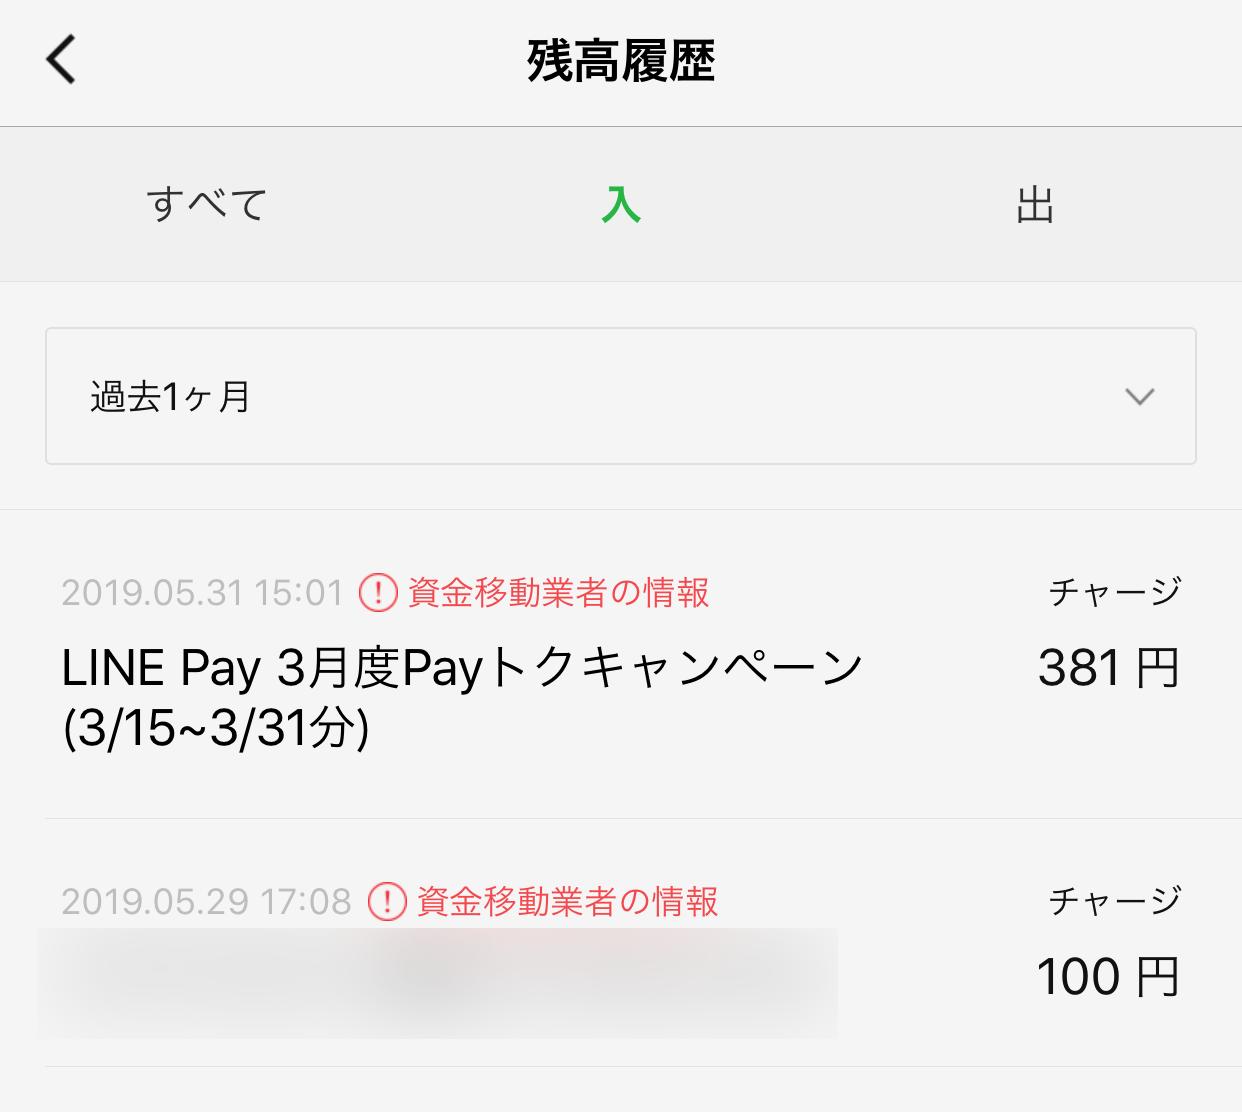 LINEPaytoku3gatsubun 03